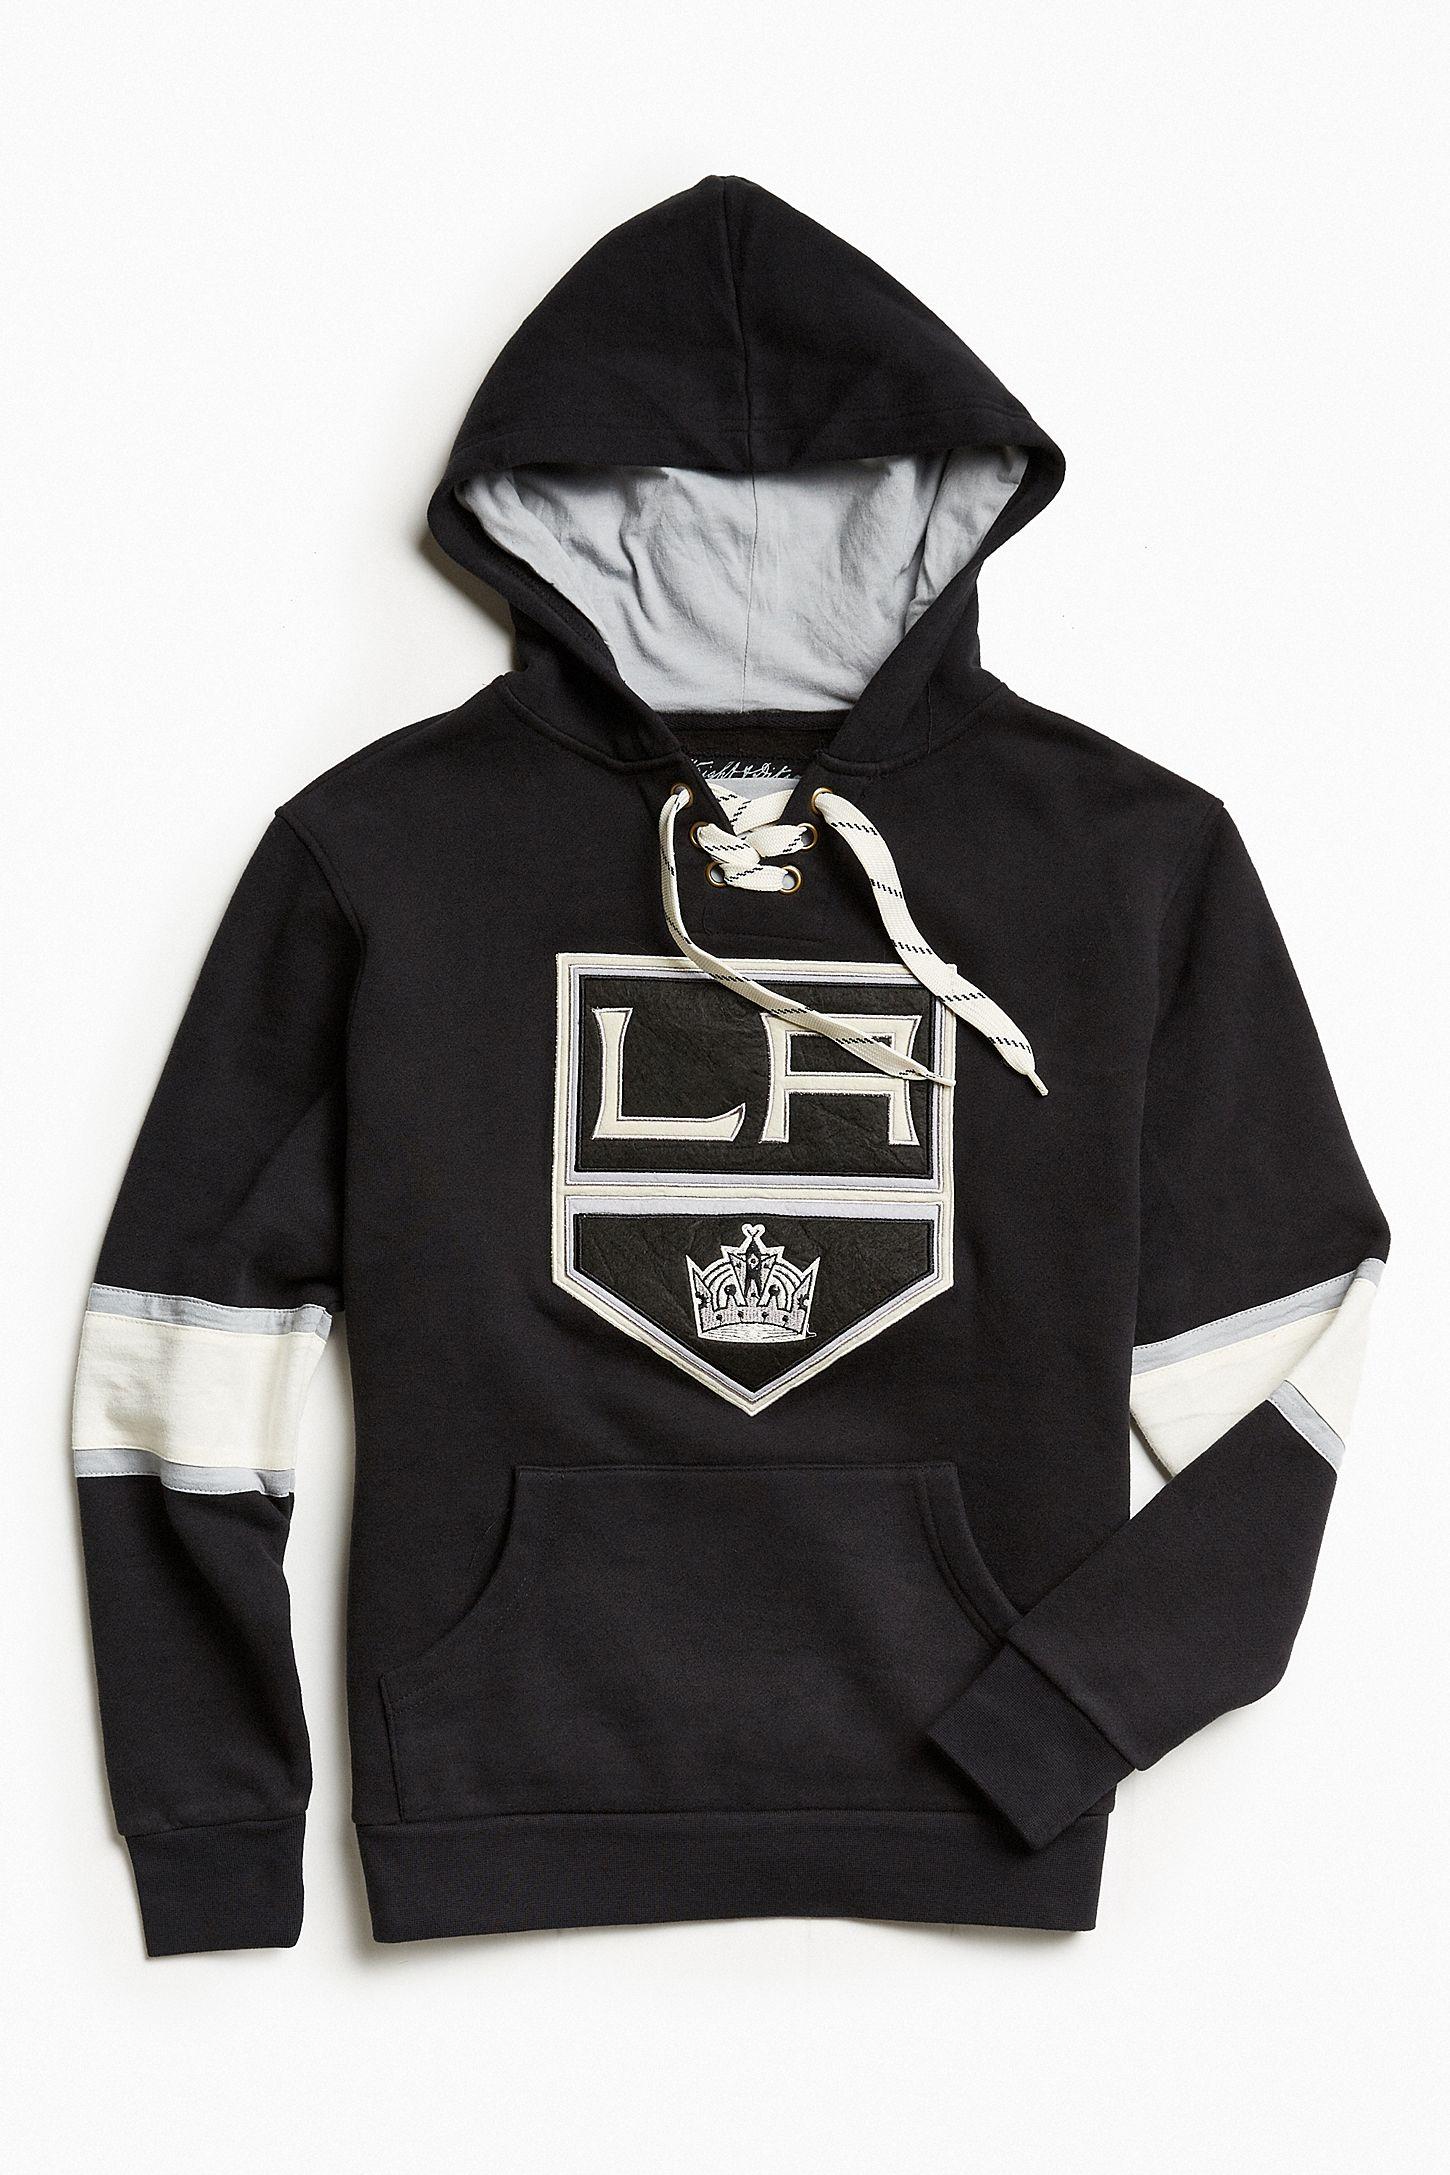 ceec4ec2c24 NHL Los Angeles Kings Hoodie Sweatshirt